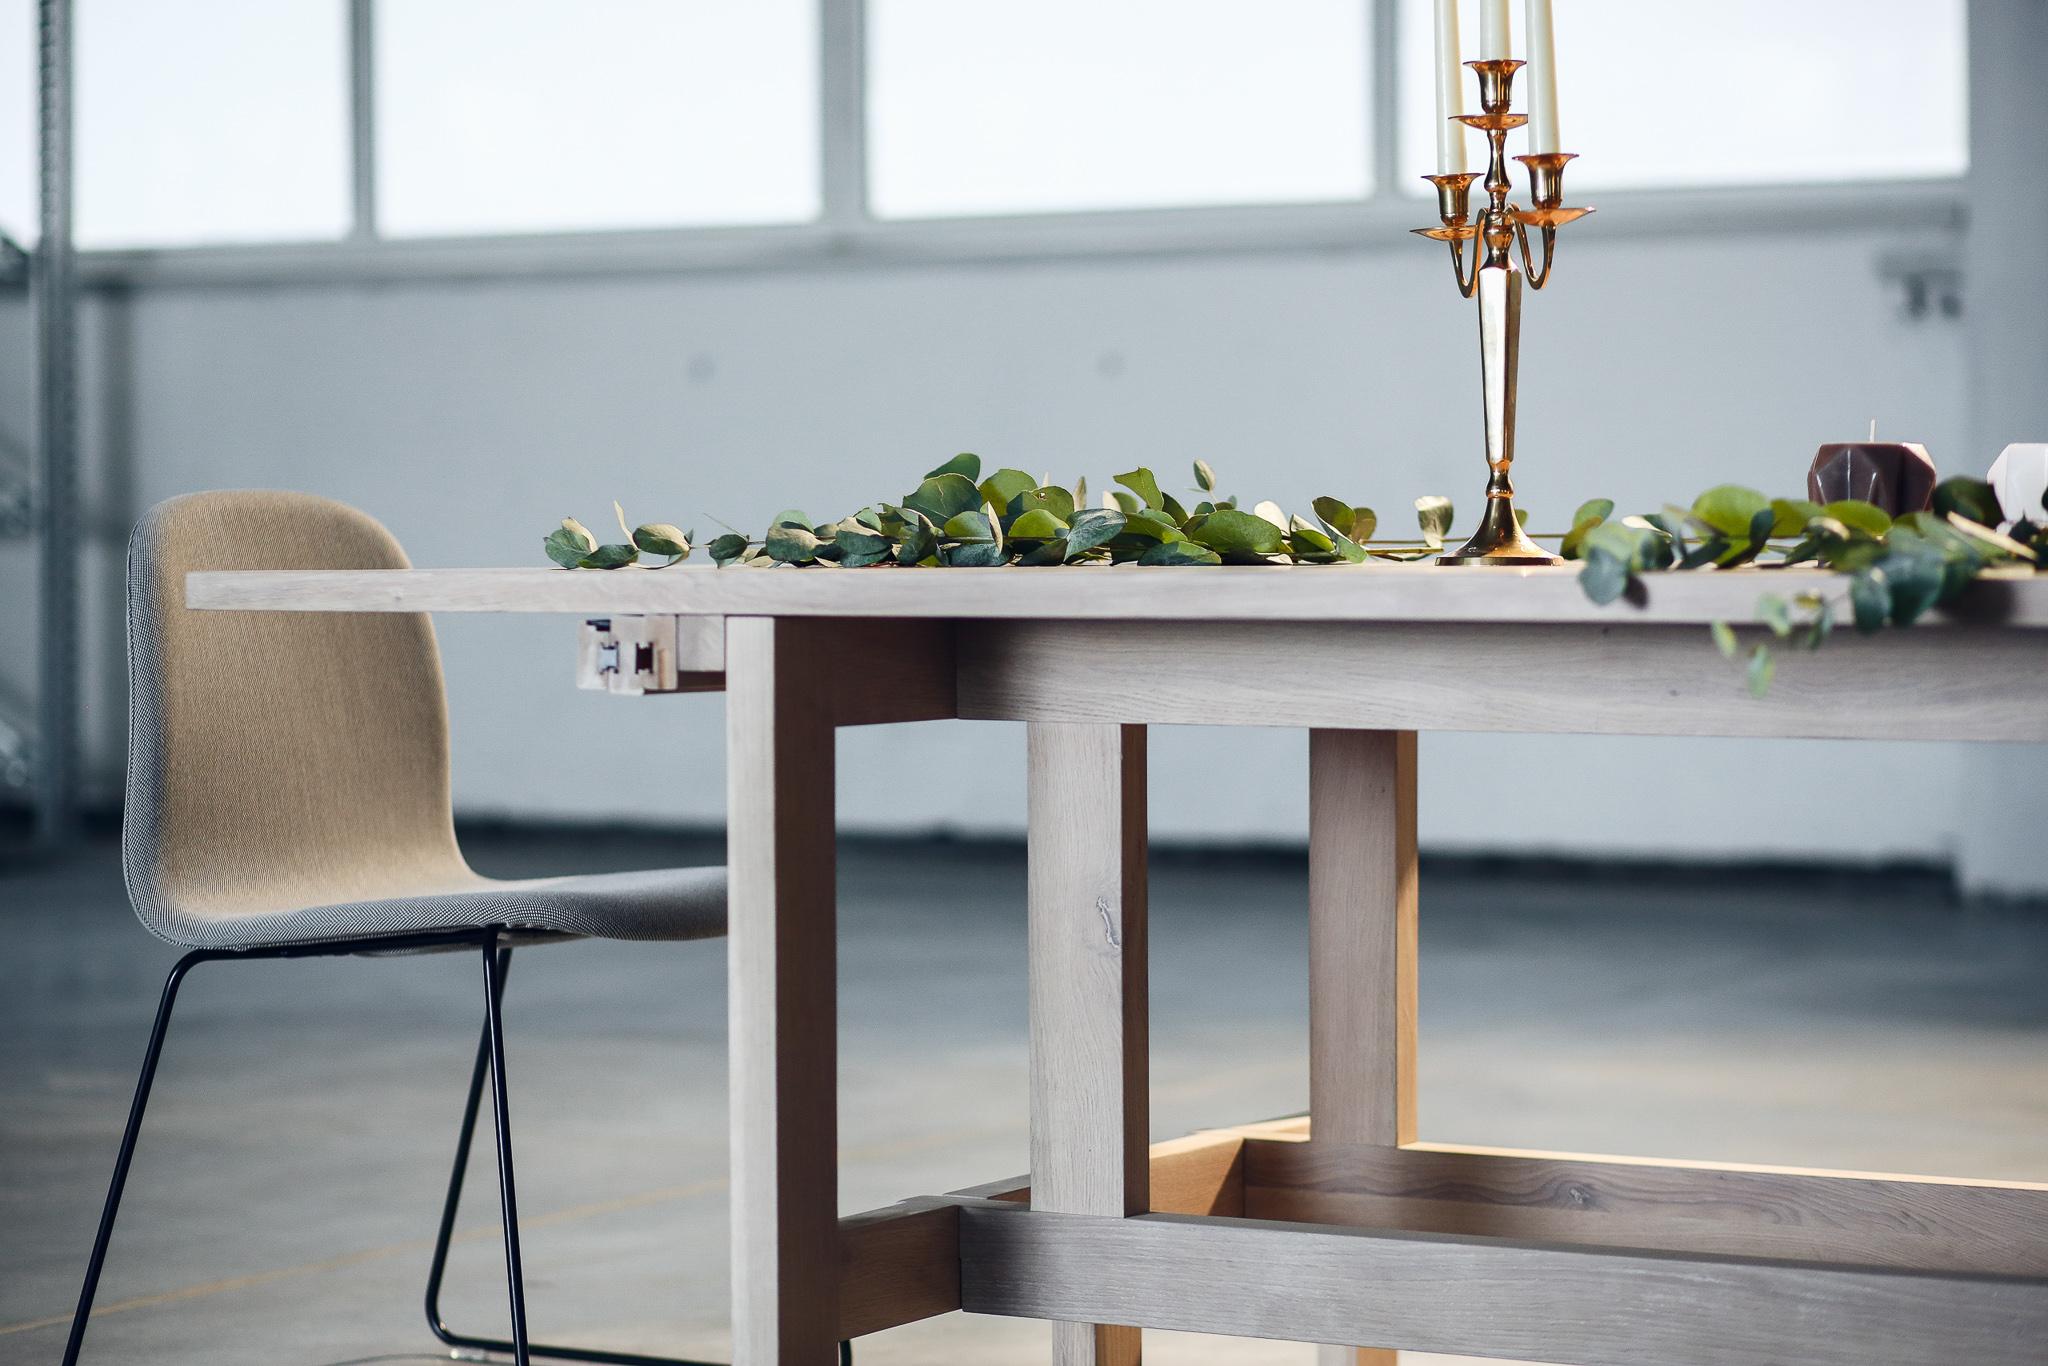 Dižozols bent wood design tables (3)